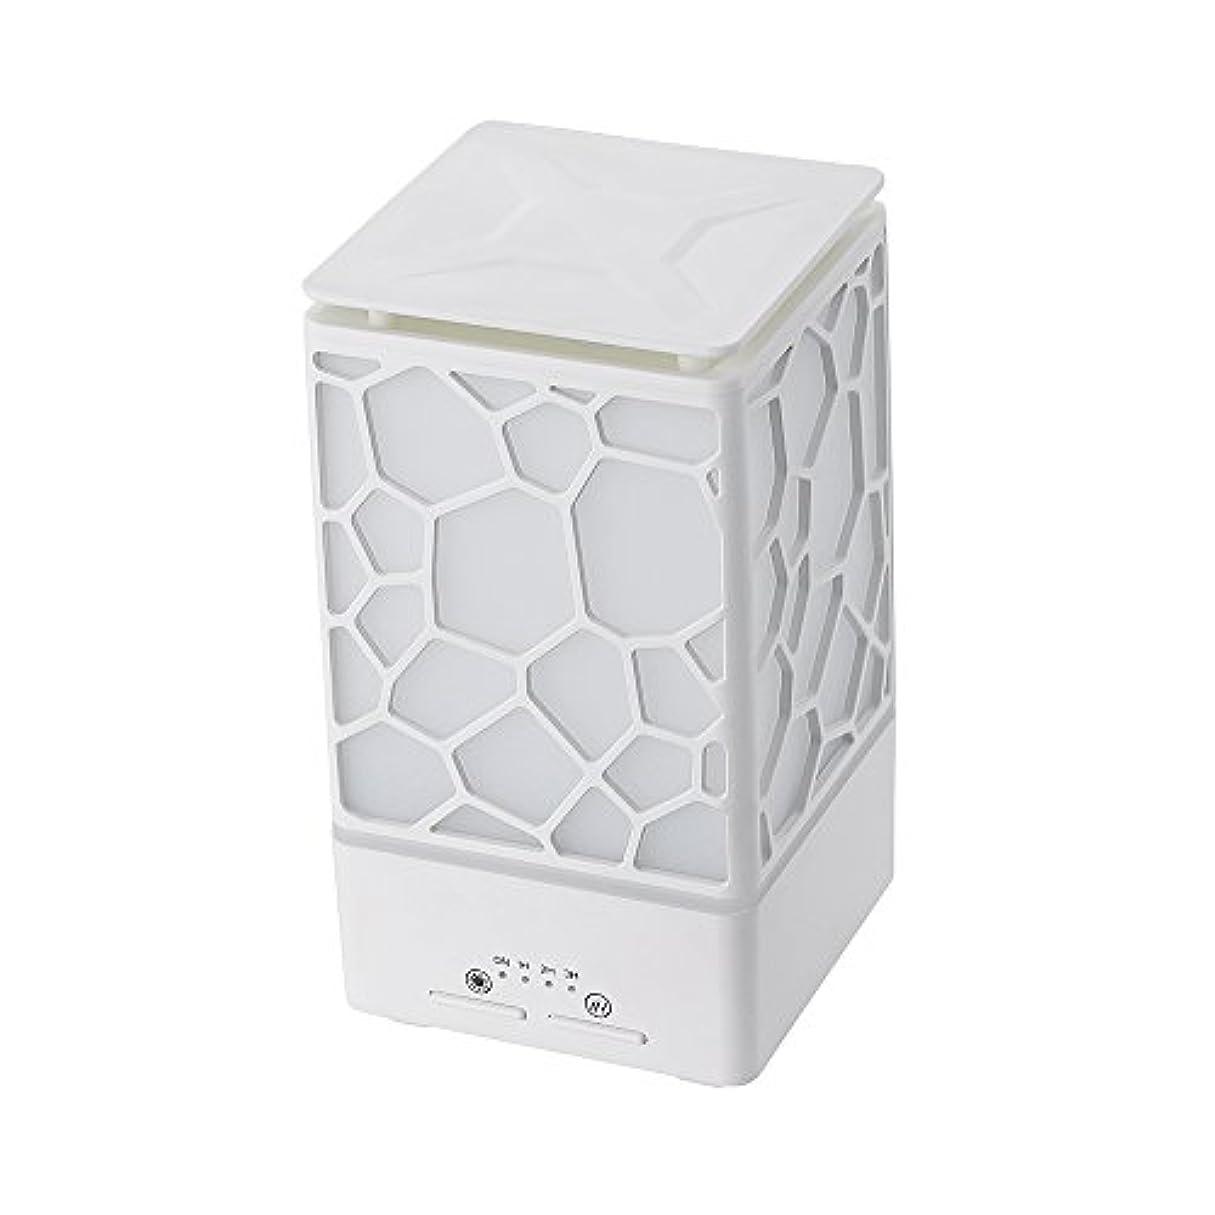 インフラ加害者計器200ミリリットルアロマオイルディフューザー、3つの作業モードでウッドグレインアロマオイルディフューザーウォーターレスオートオフ7色ledライト,White